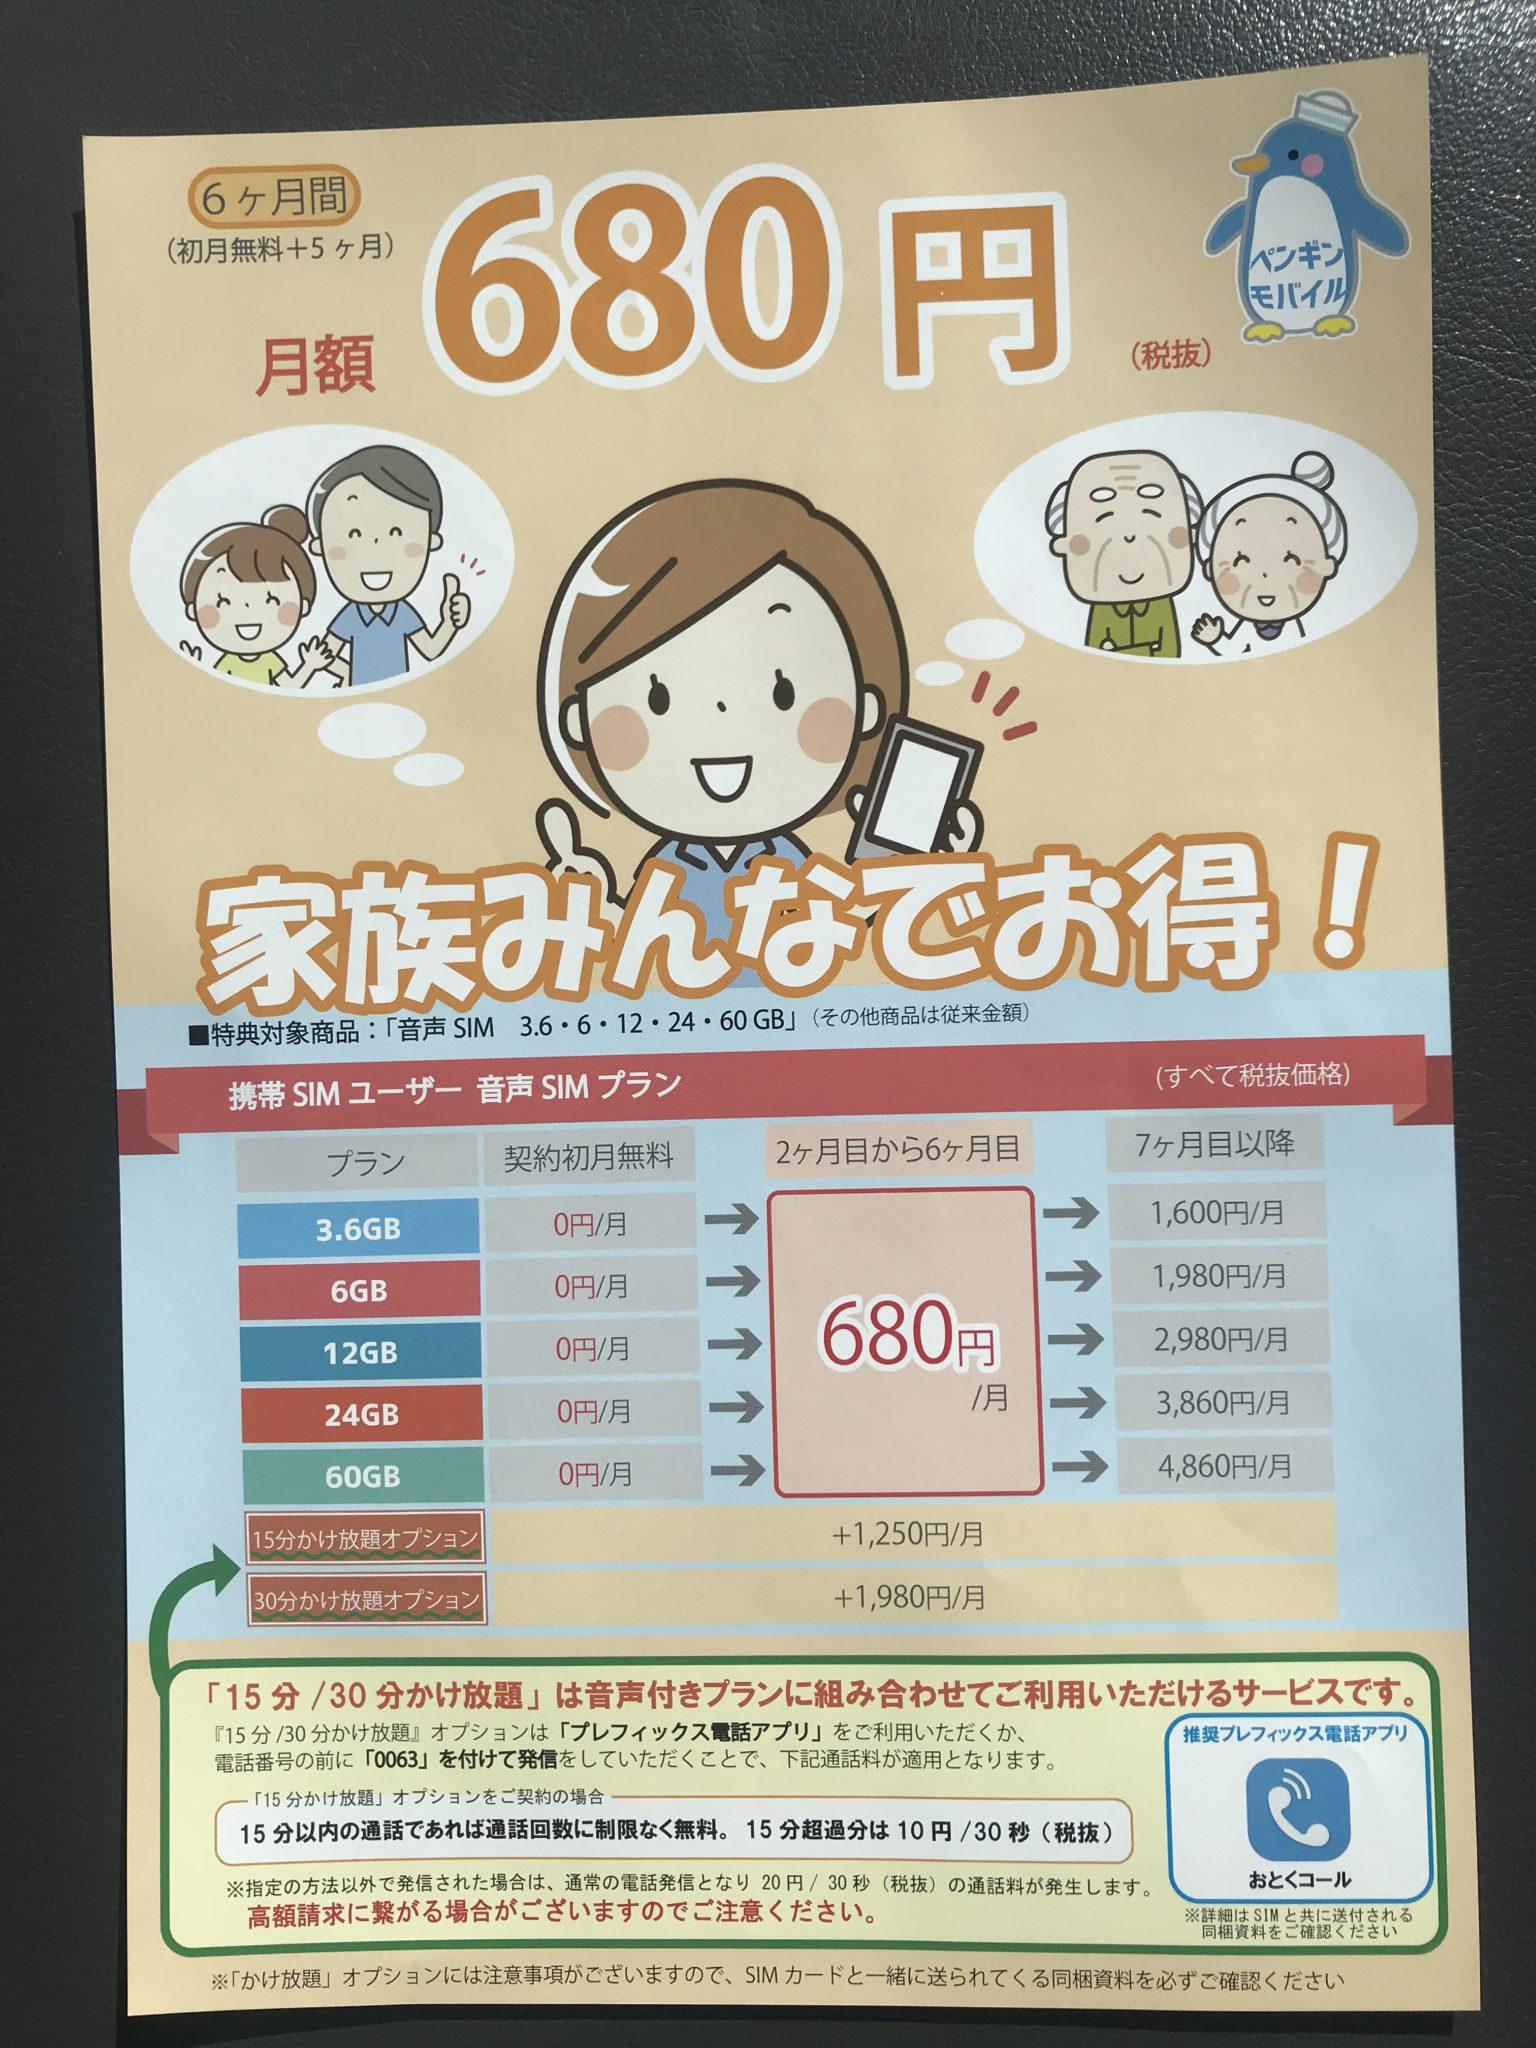 家族特典(初月0円、2〜6ヶ月目680円/月